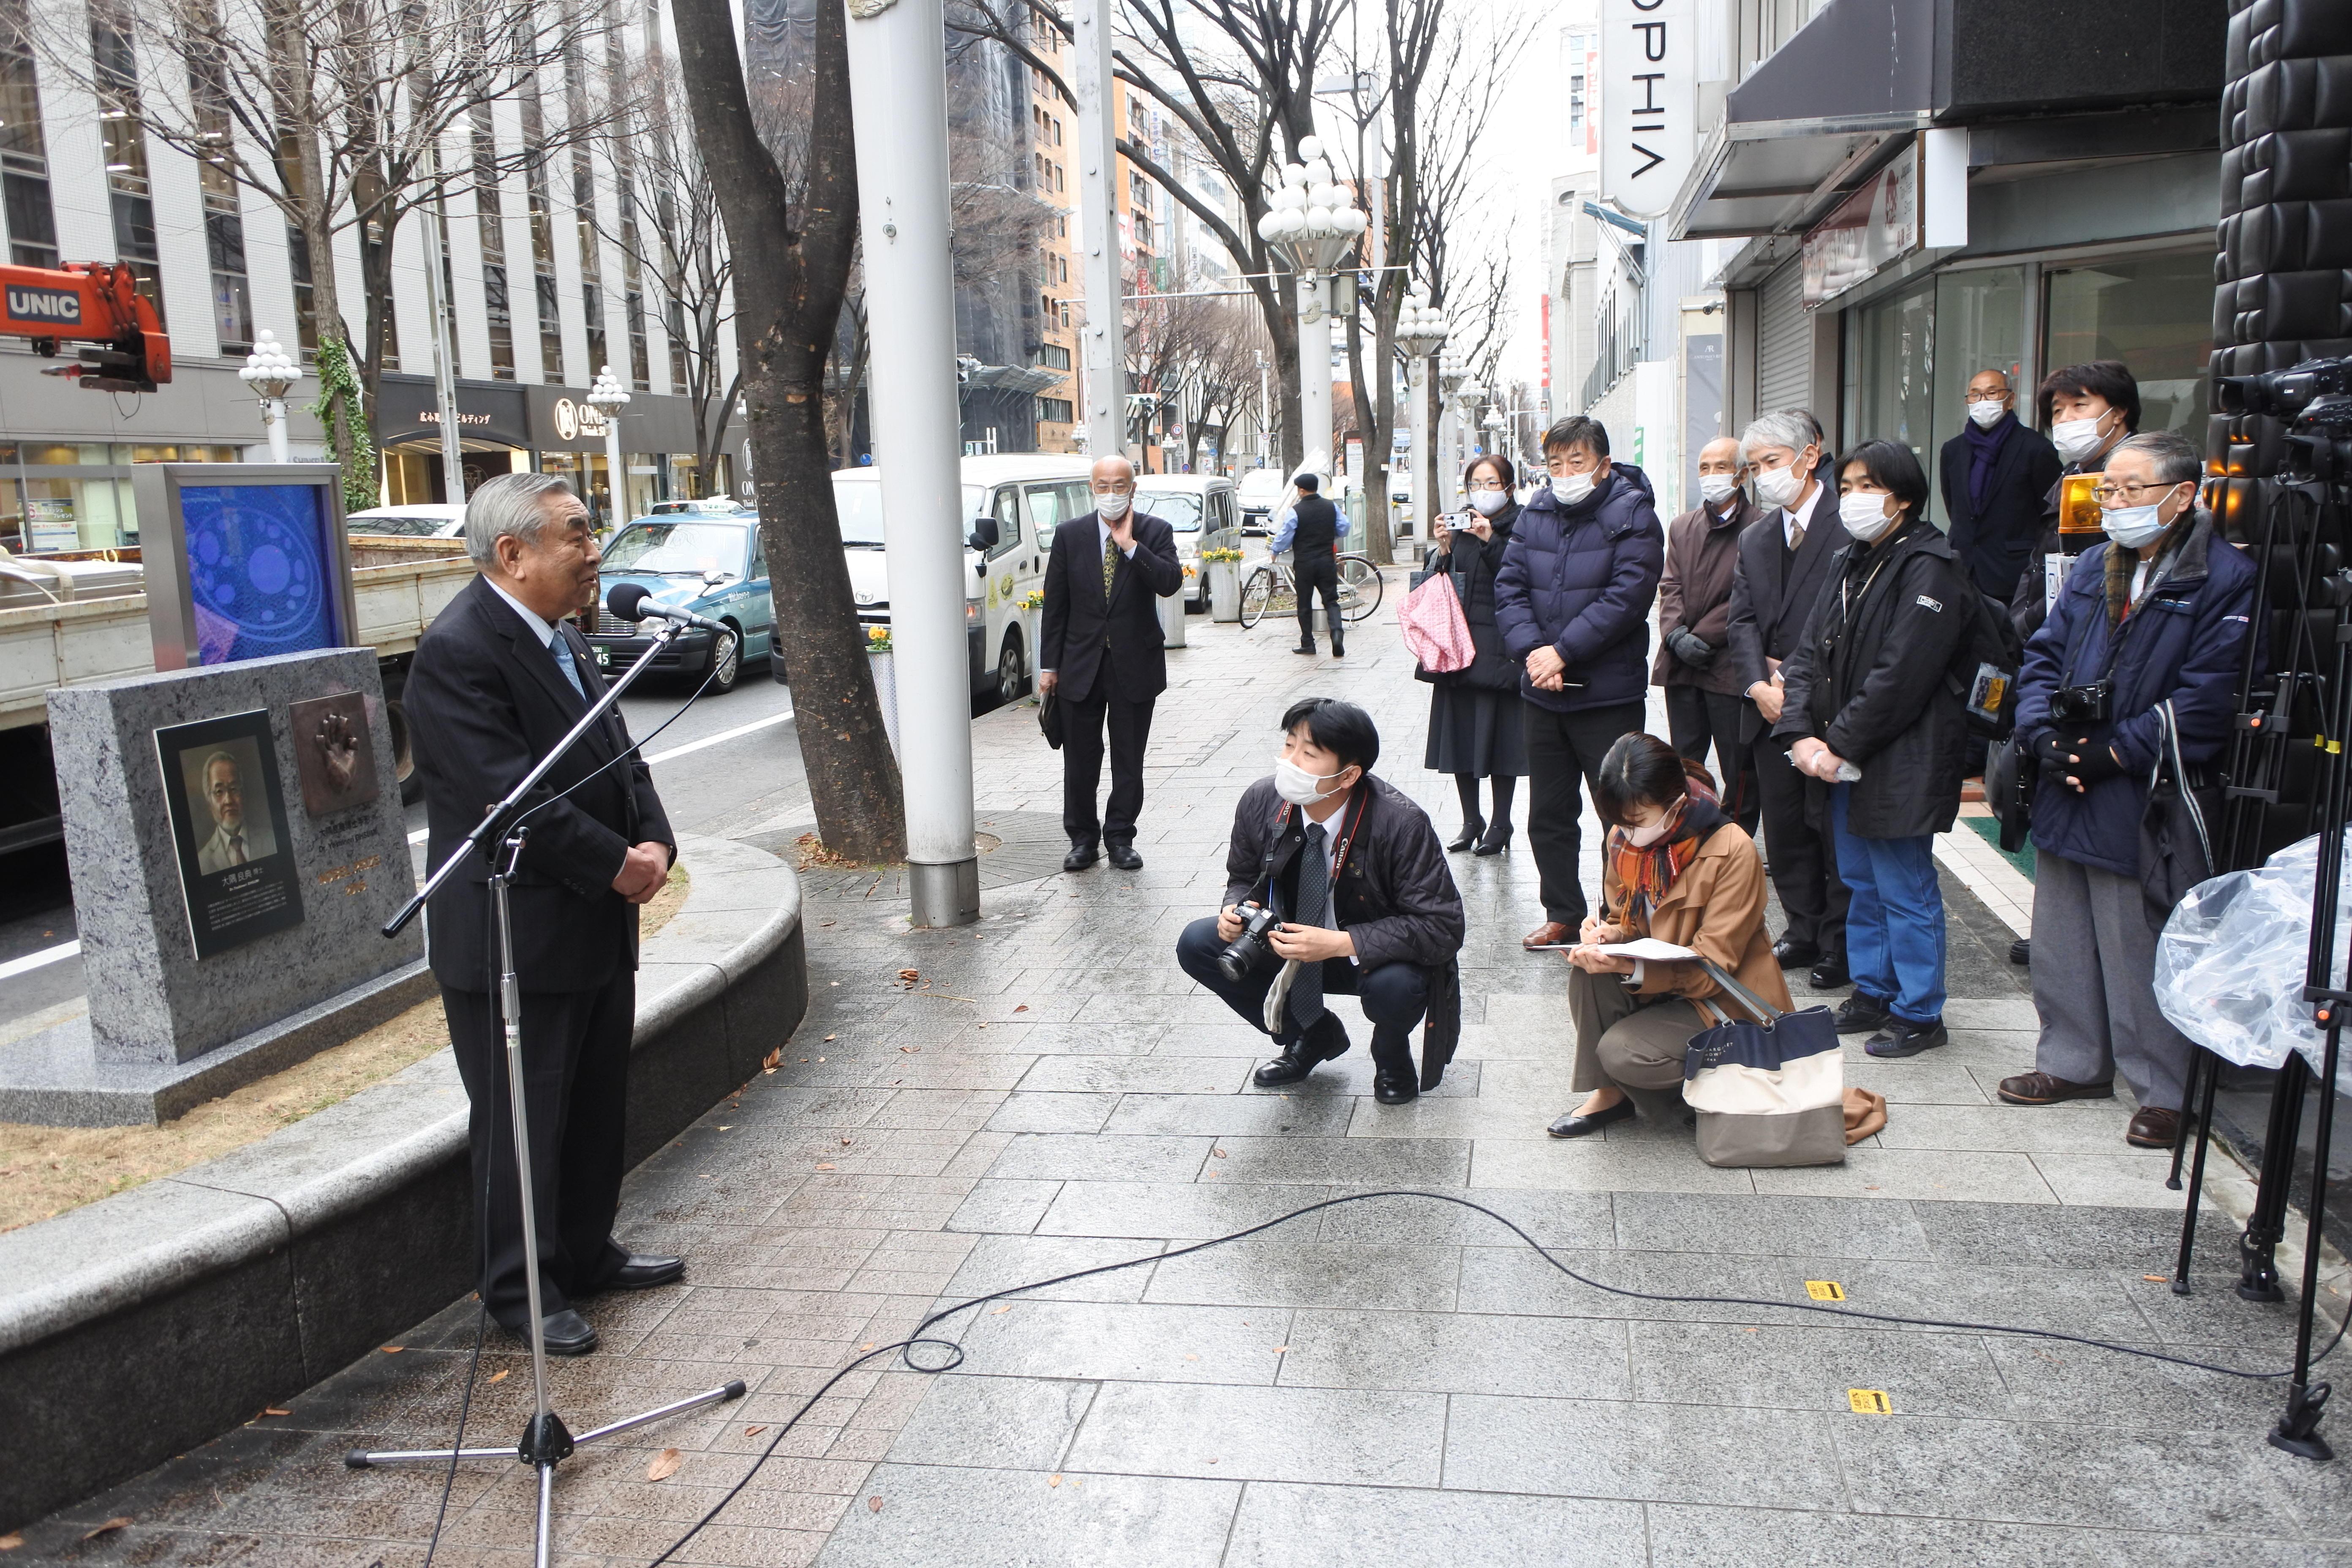 大隅良典栄誉教授の手形モニュメントの前であいさつする坪井明治理事長